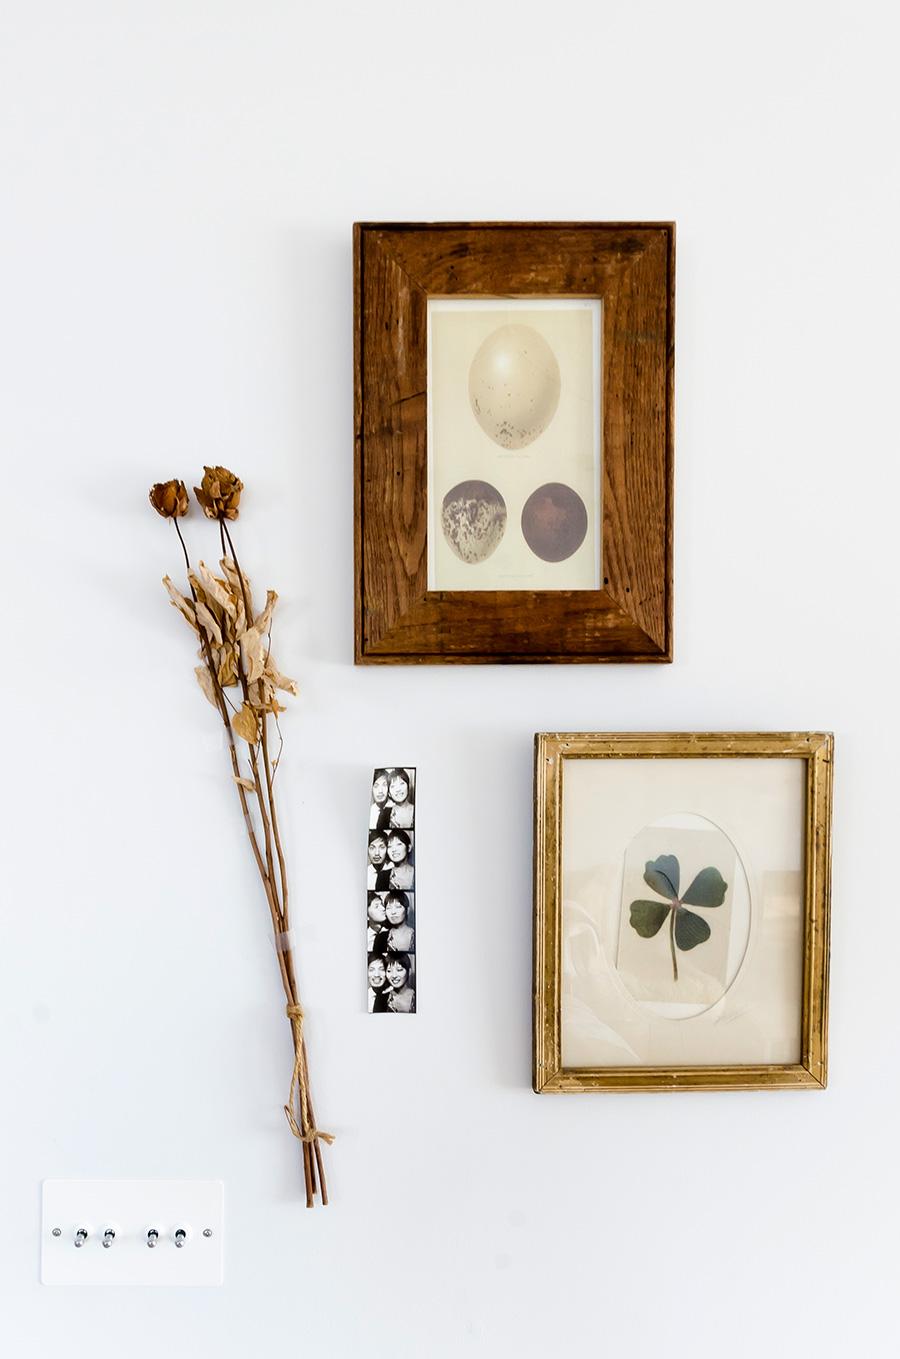 壁掛けの装飾に混ざって2人の思い出の写真もさりげなく飾られている。